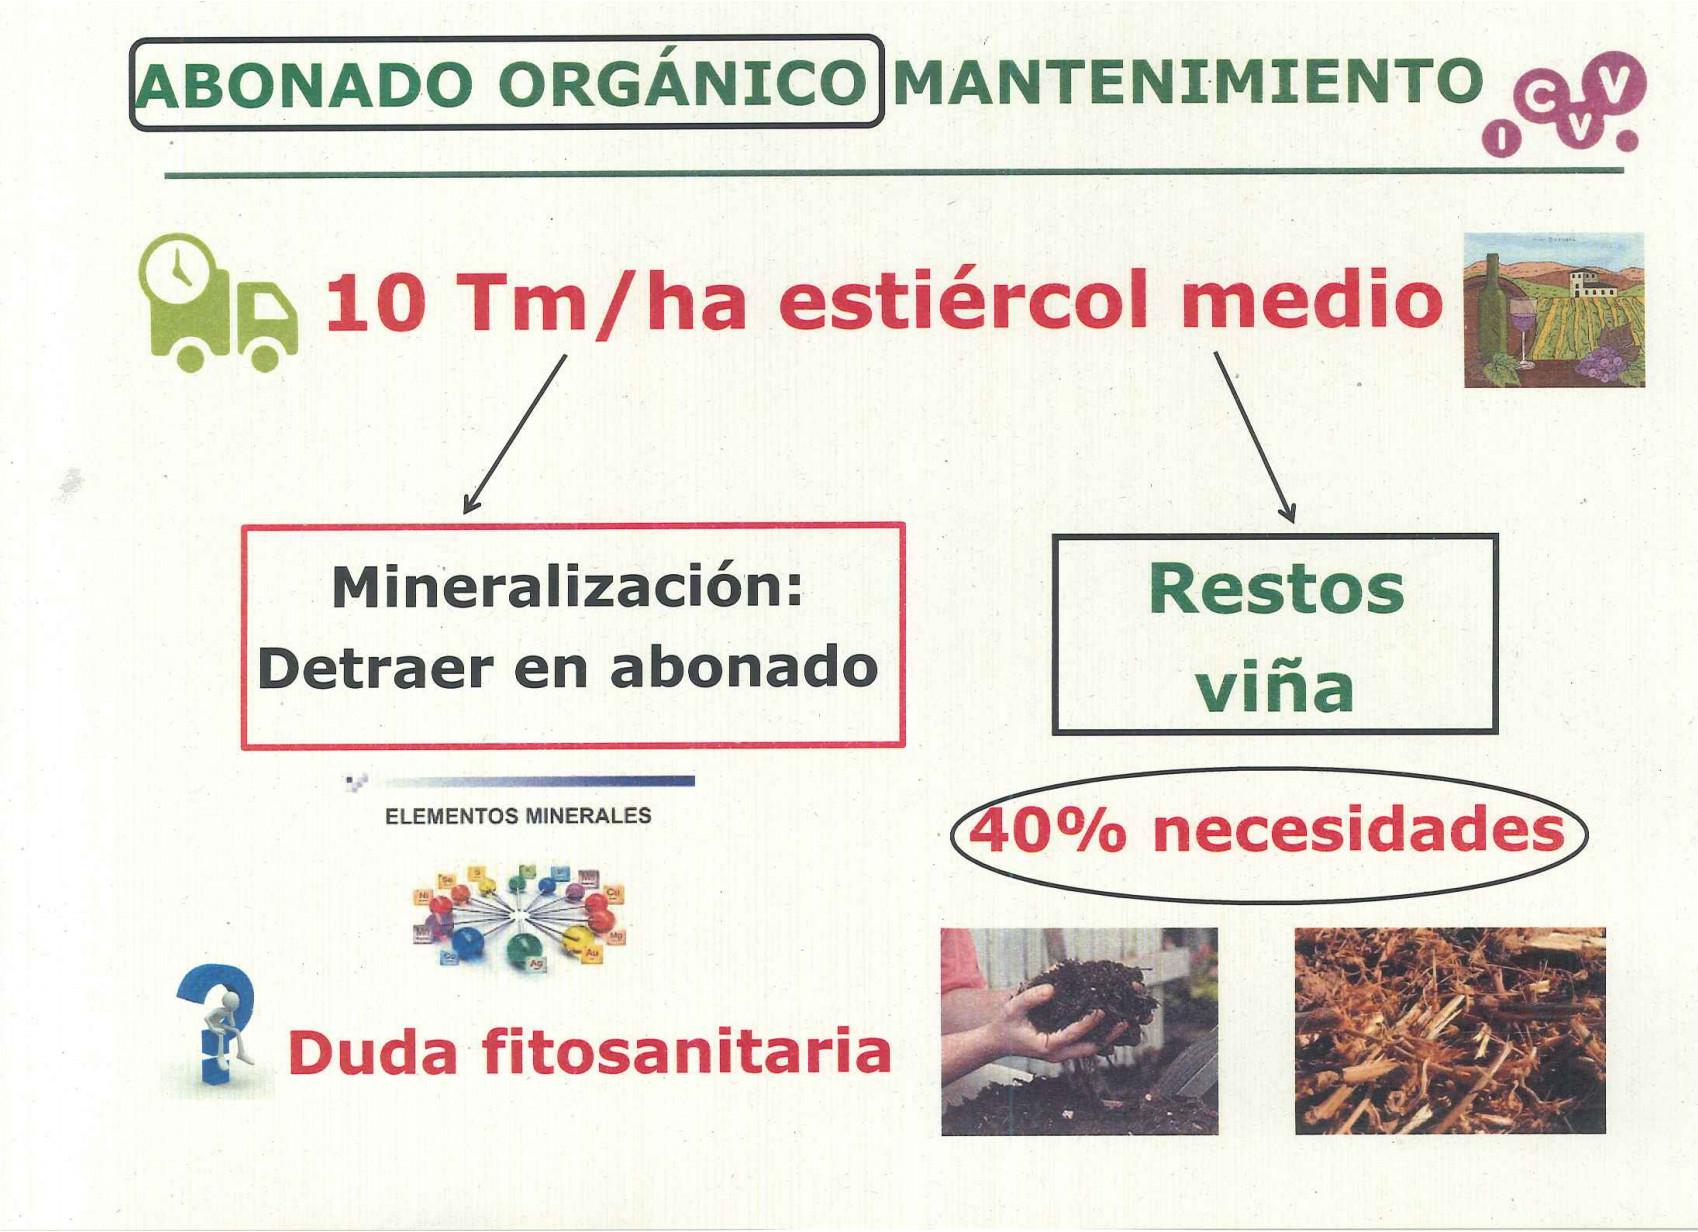 NUTRICION VIÑEDO ESCUDERO 3